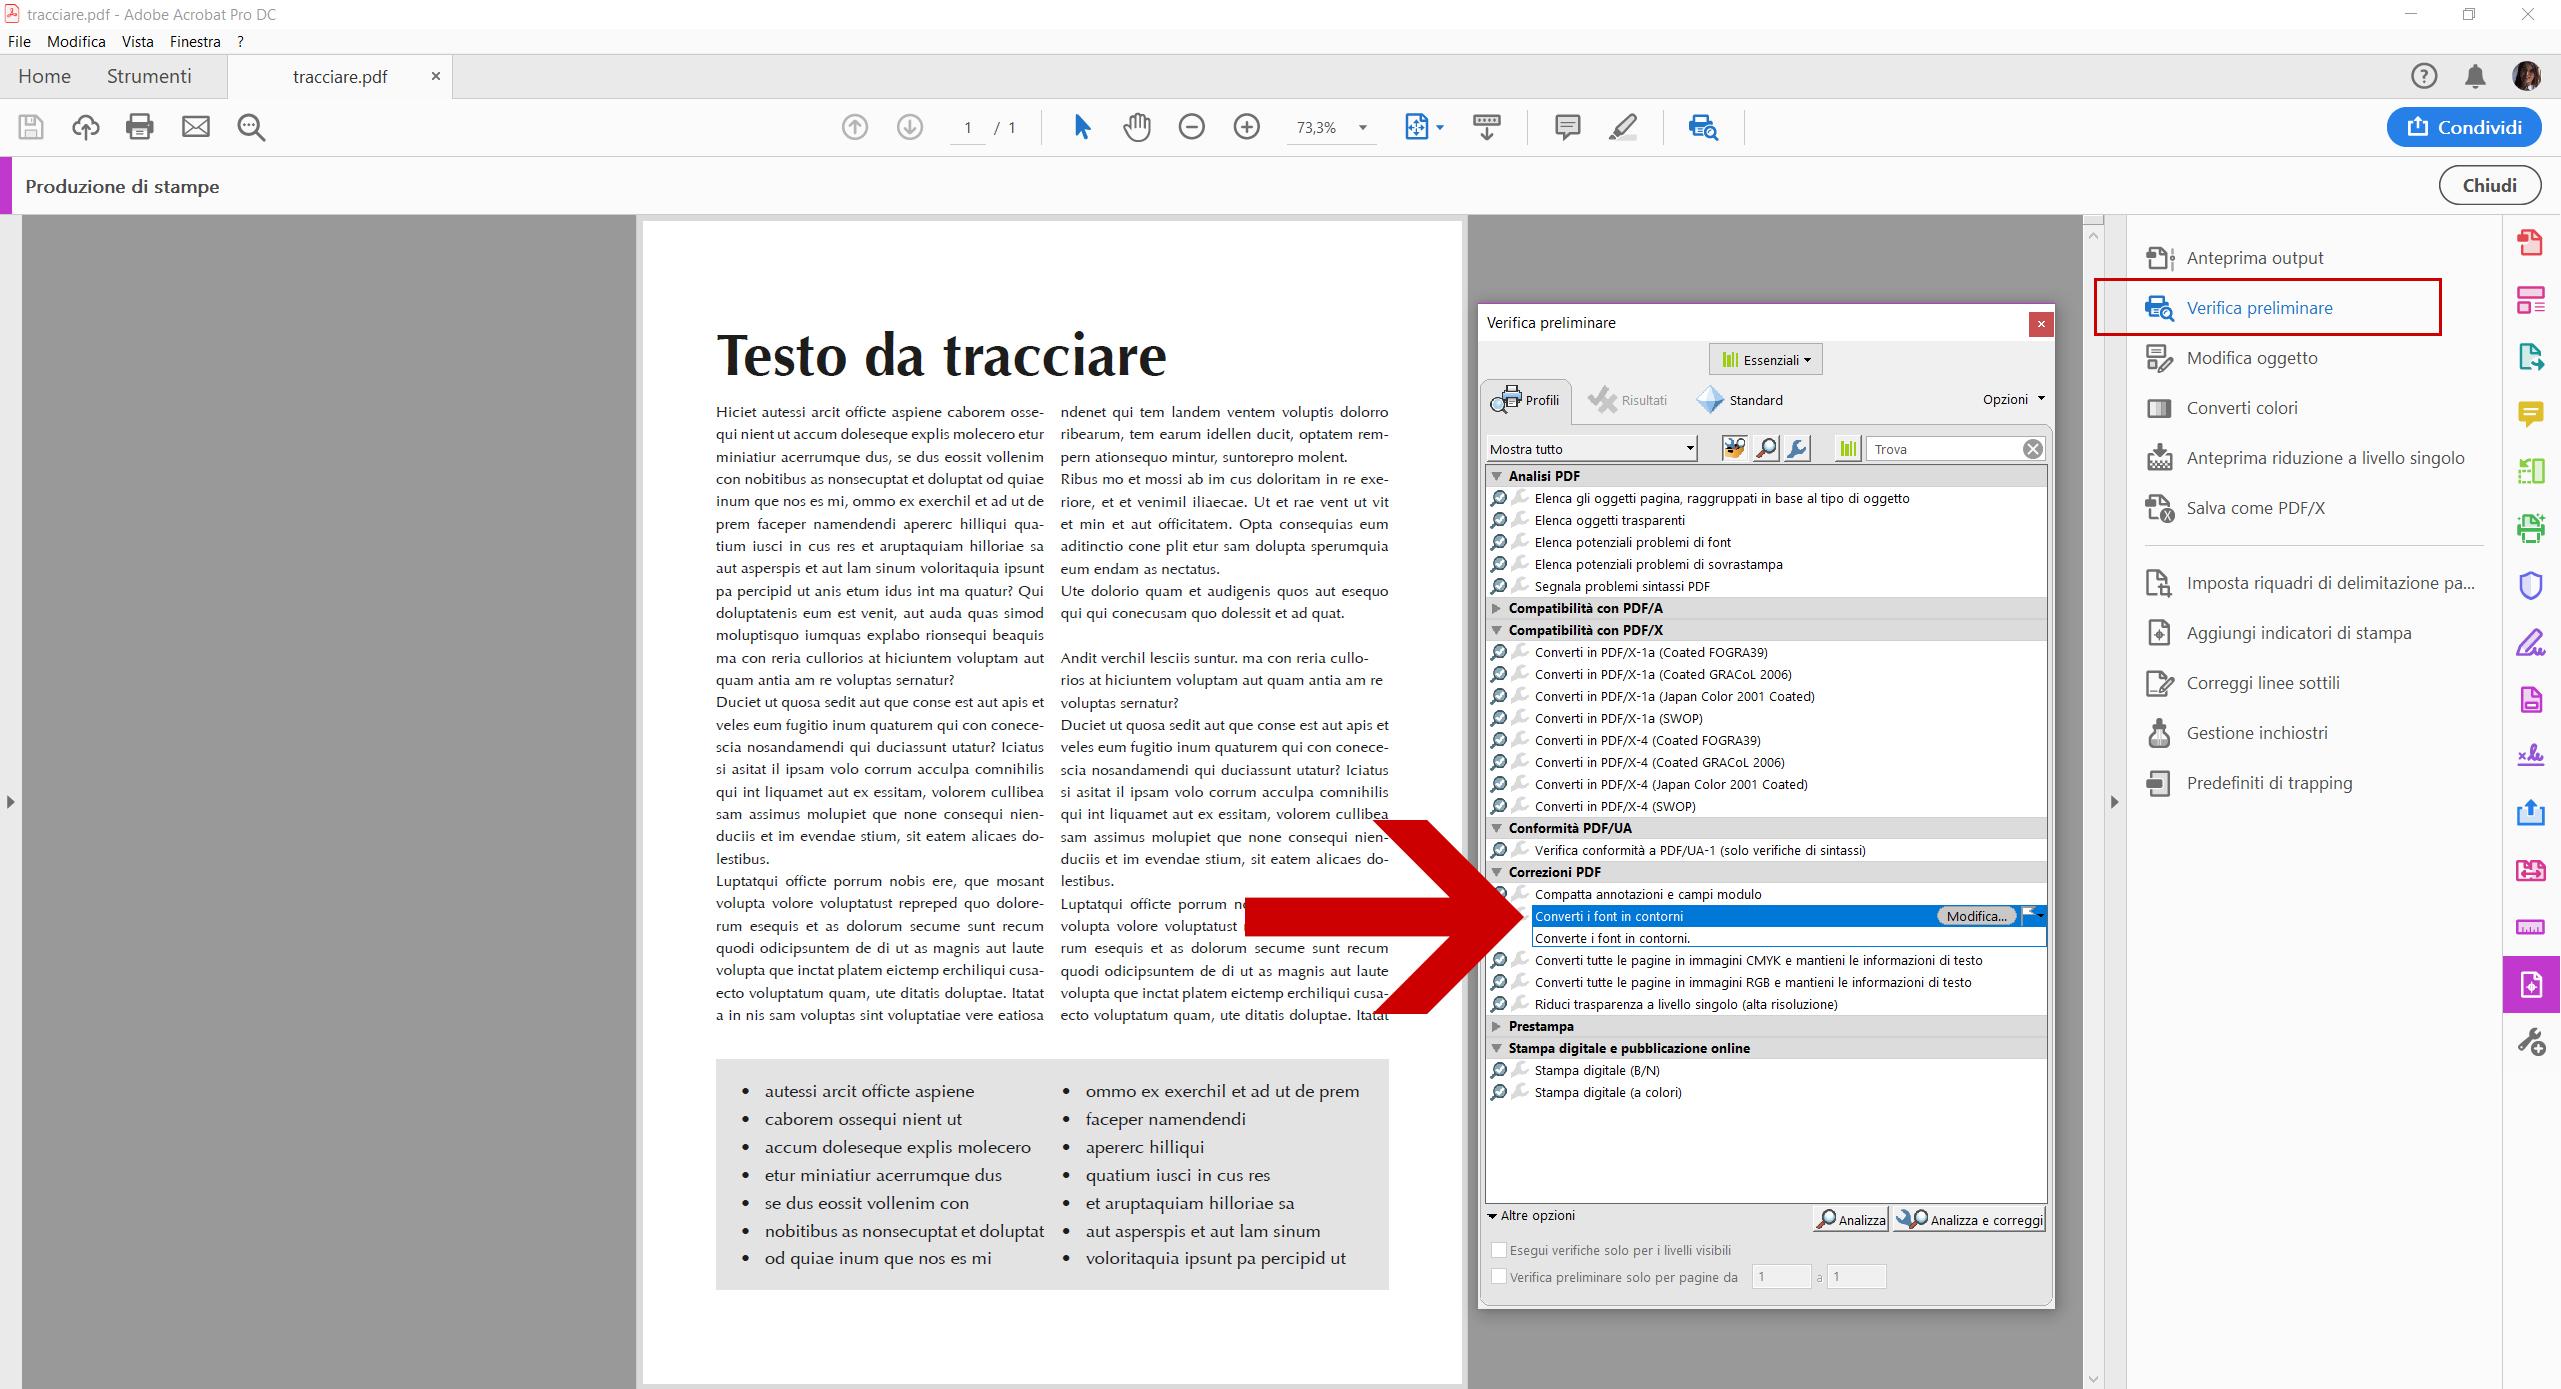 Convertire testi in tracciati con Acrobat DC - Dangeloweb - Lo strumento Verifica preliminare